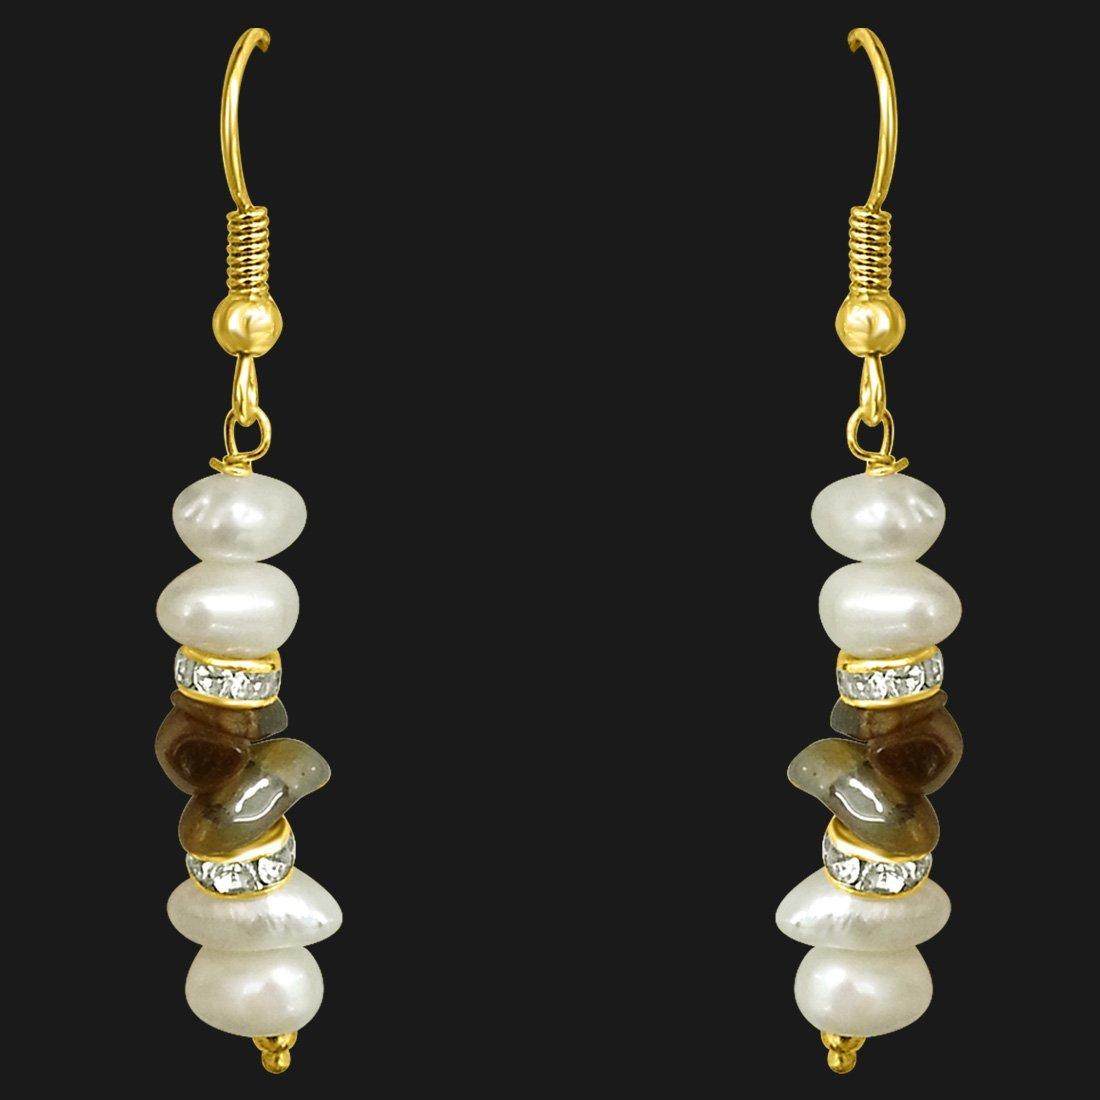 Real Freshwater Pearl & Uncut Tiger Eye Hanging Earrings (SE191)